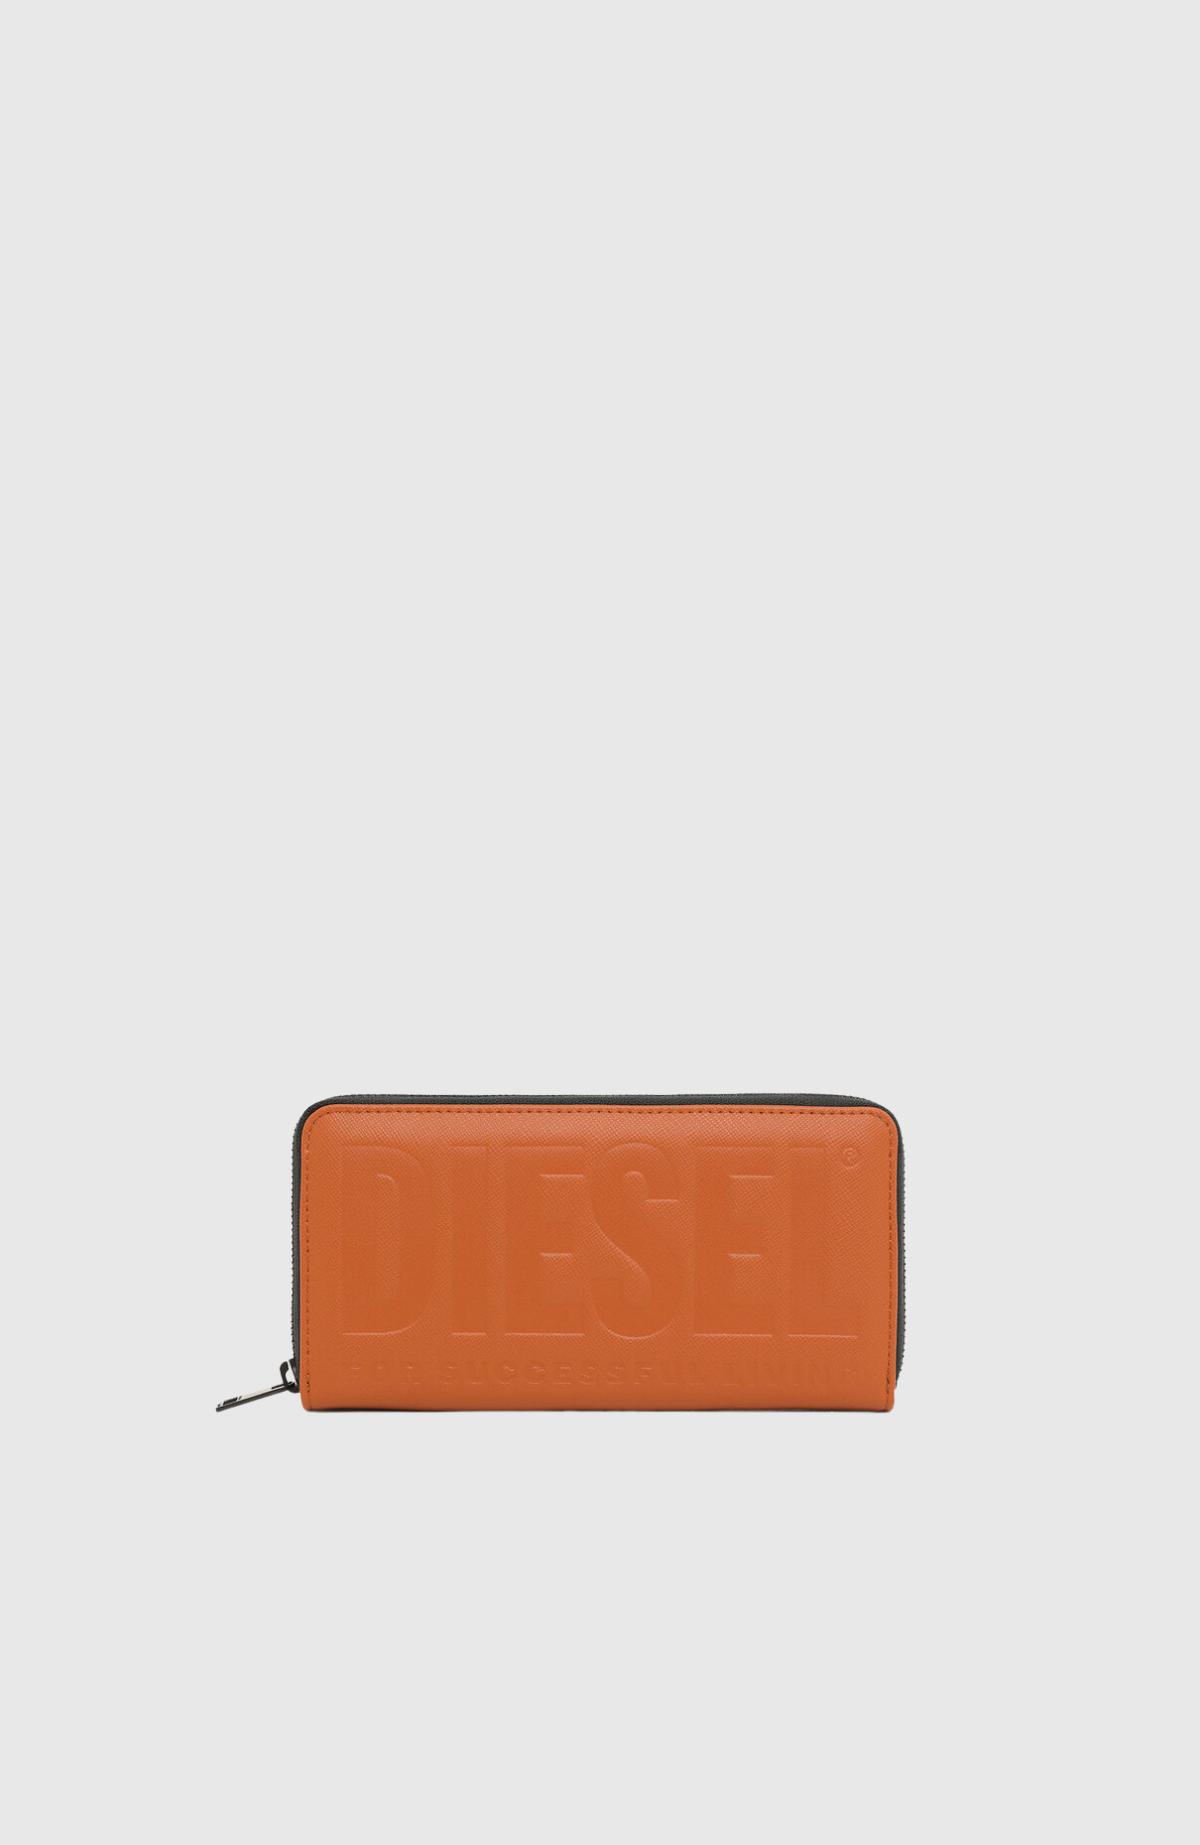 24 Zip Wallet